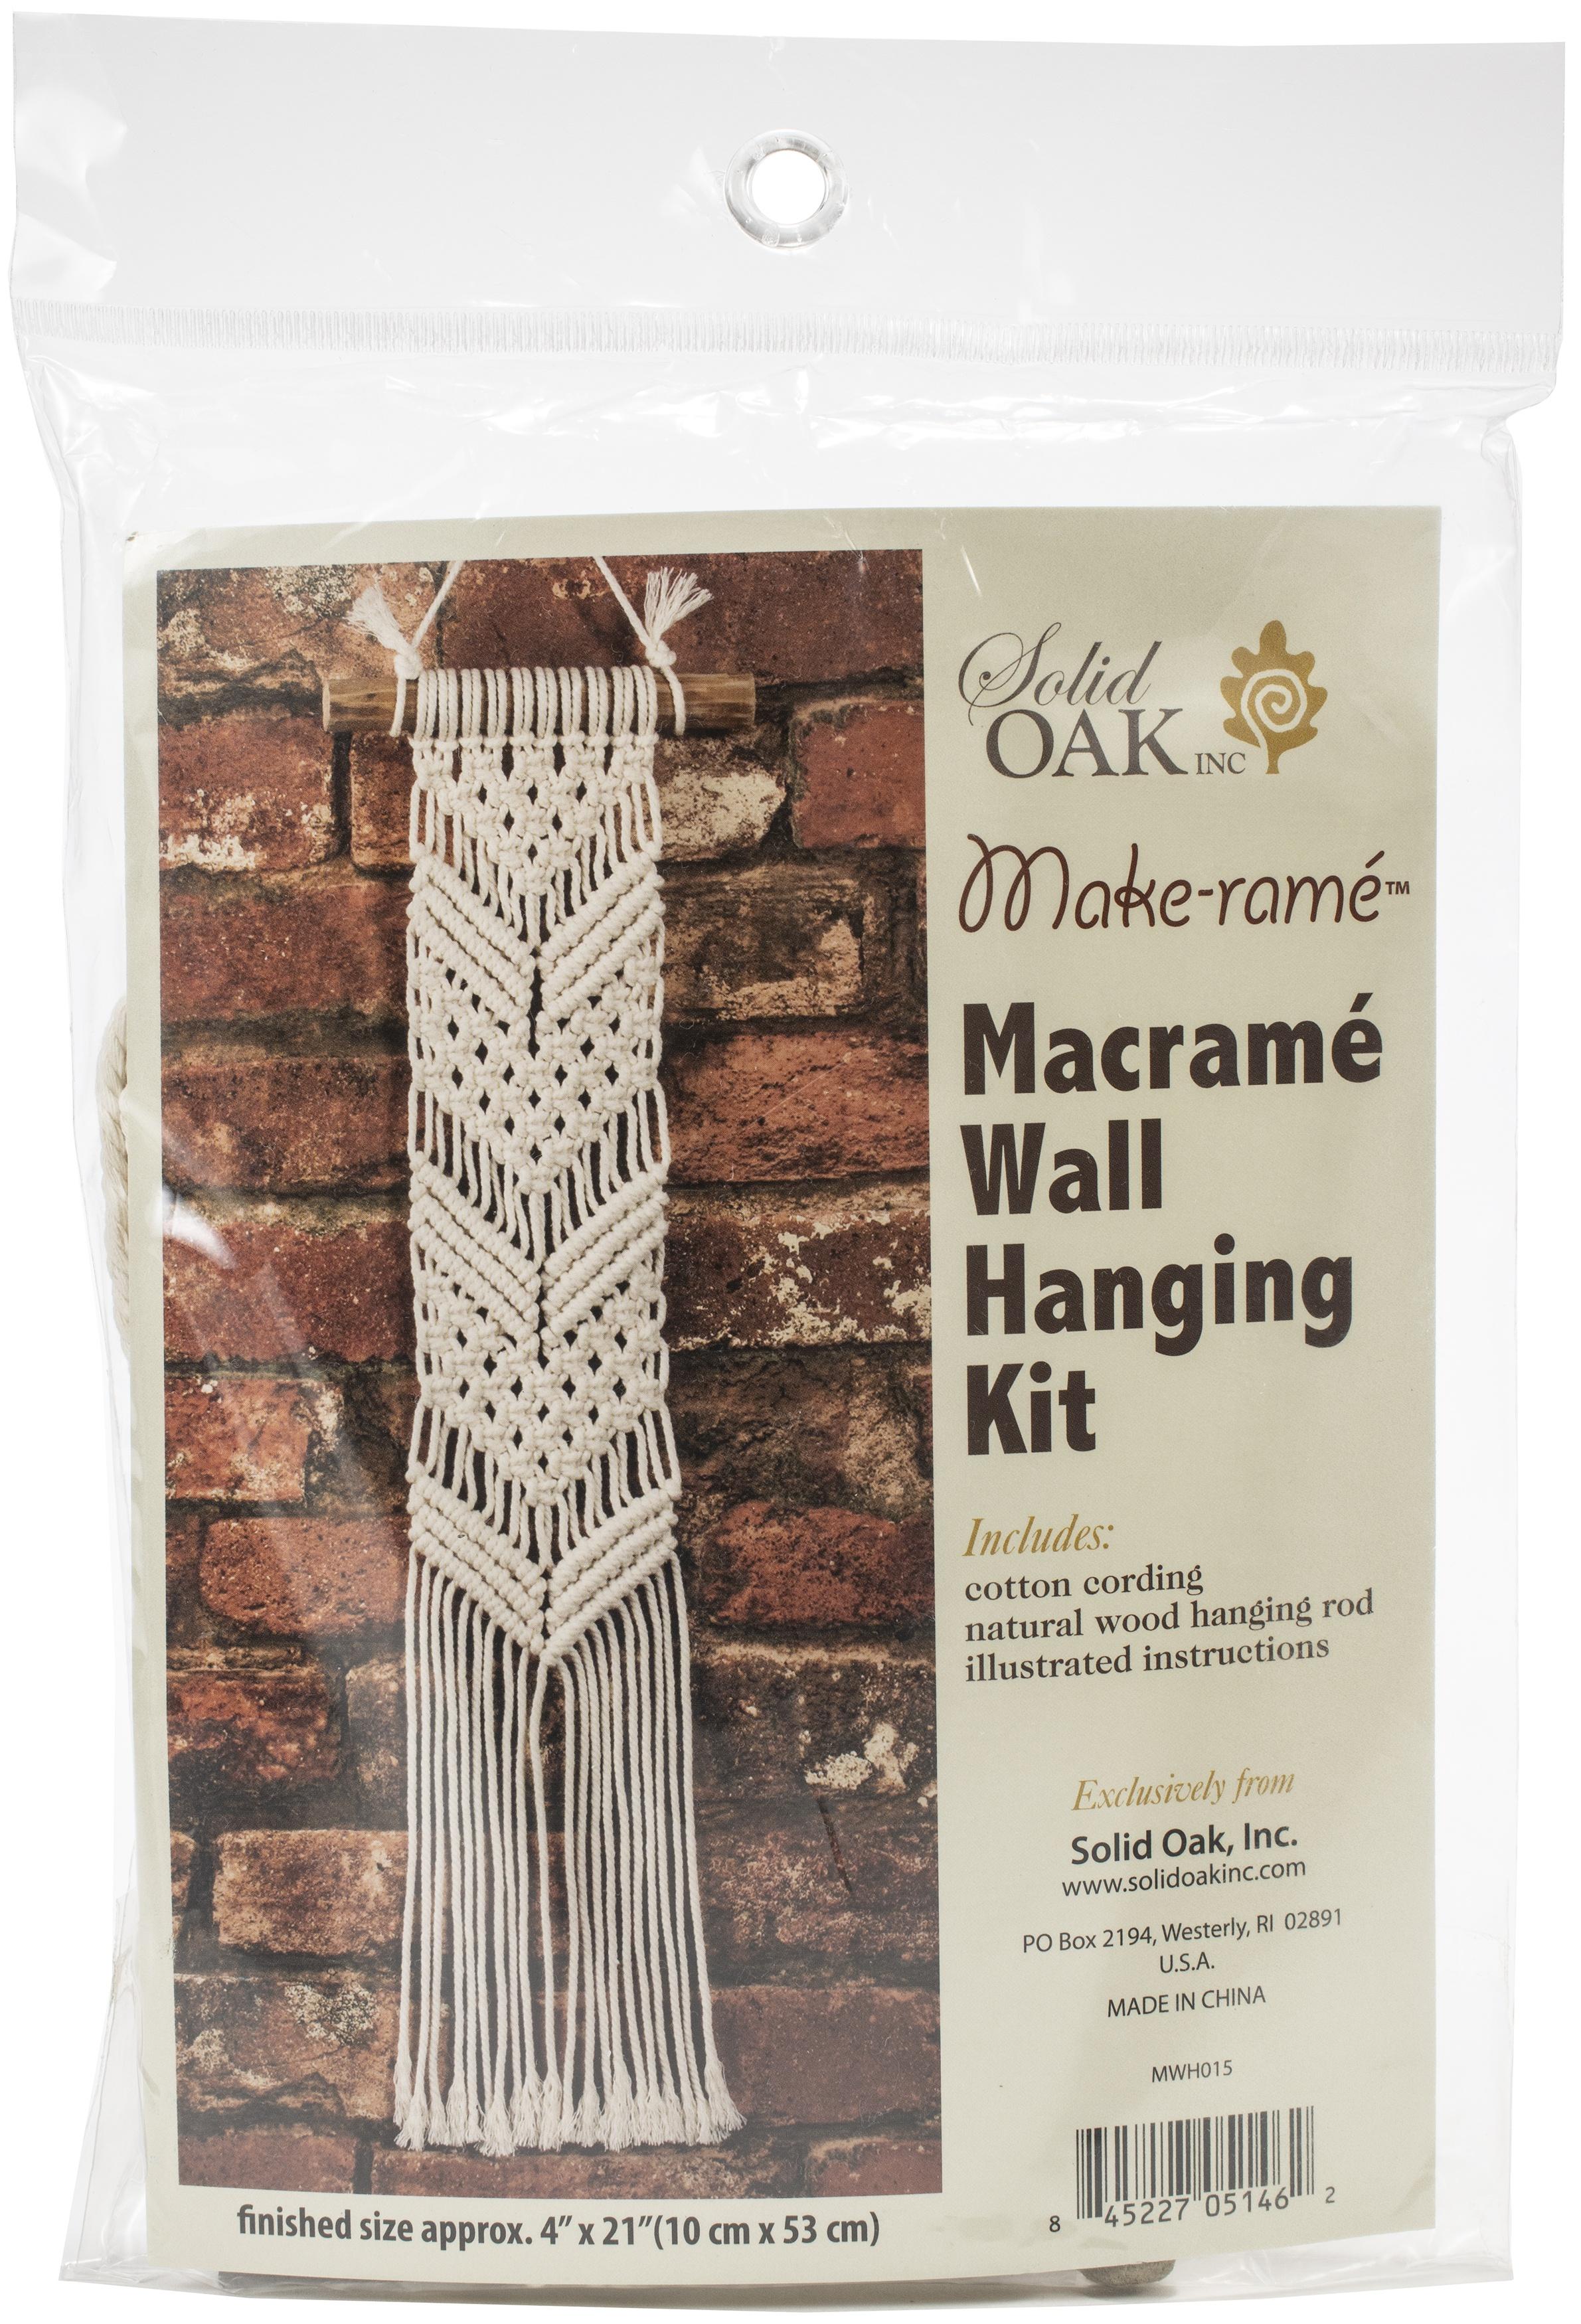 MACRAME WALL HANGING #015